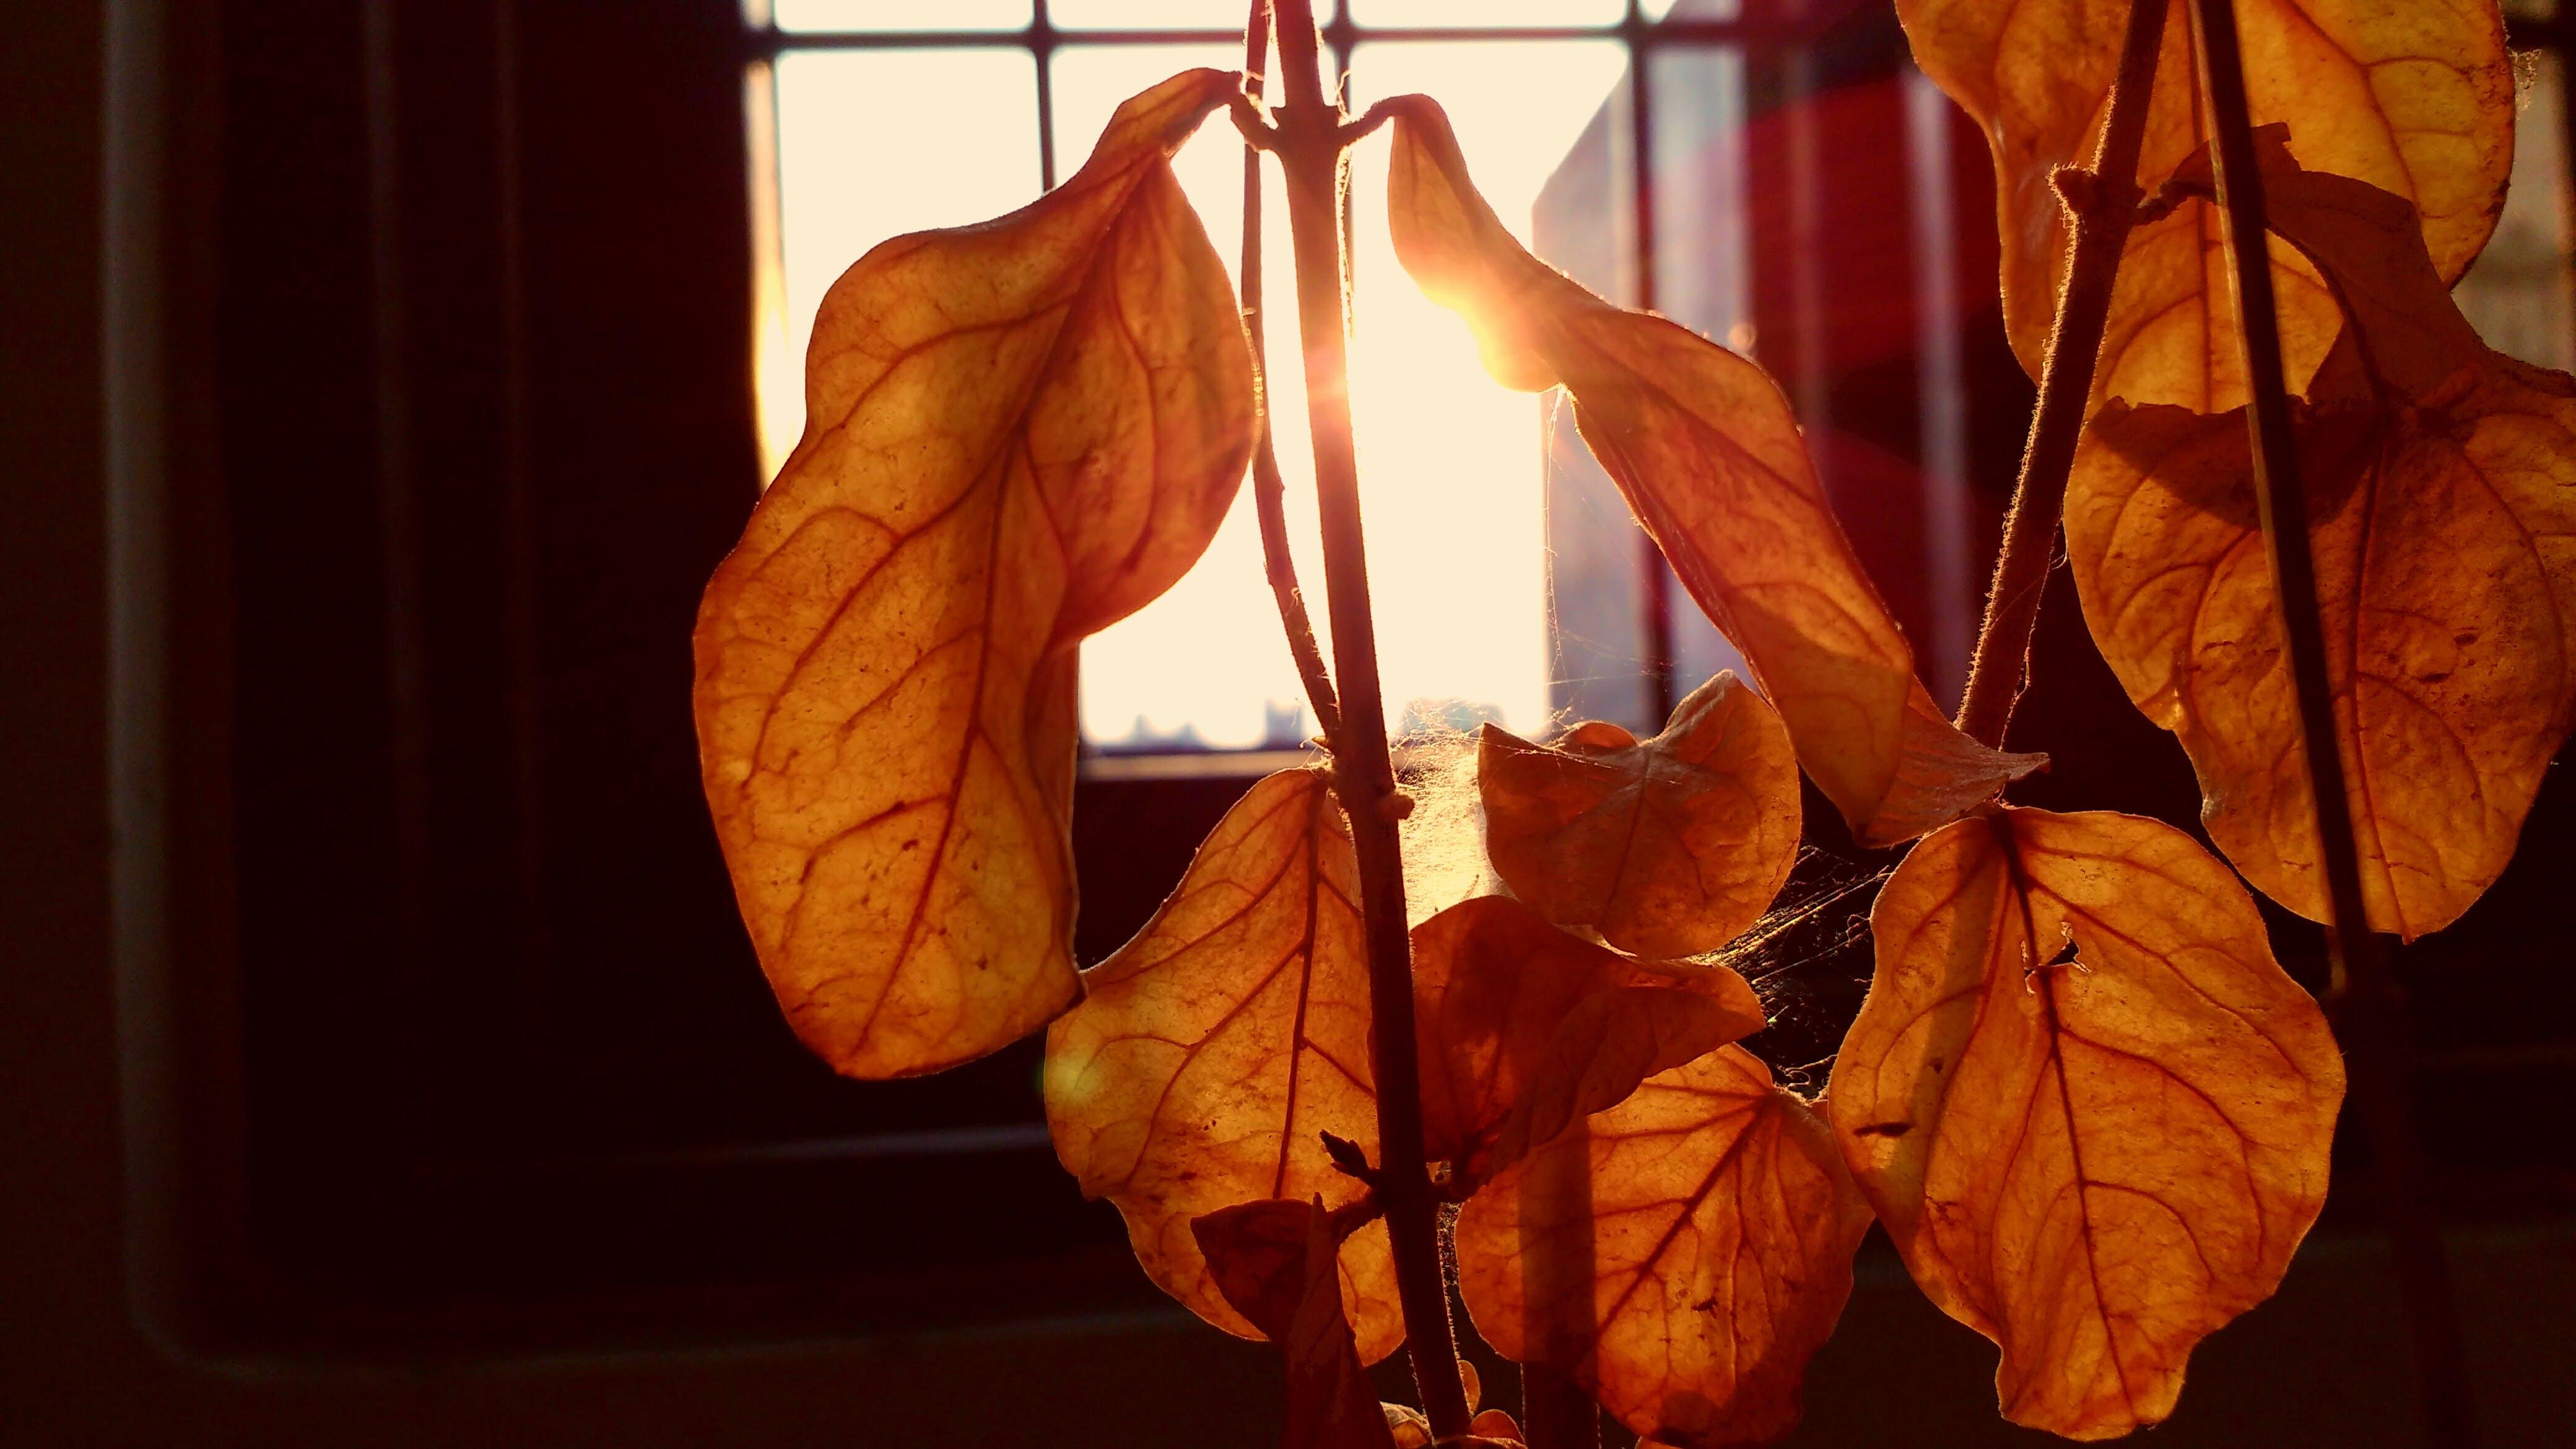 Kostenloses Stock Foto zu sonnenlicht, trocknet blätter